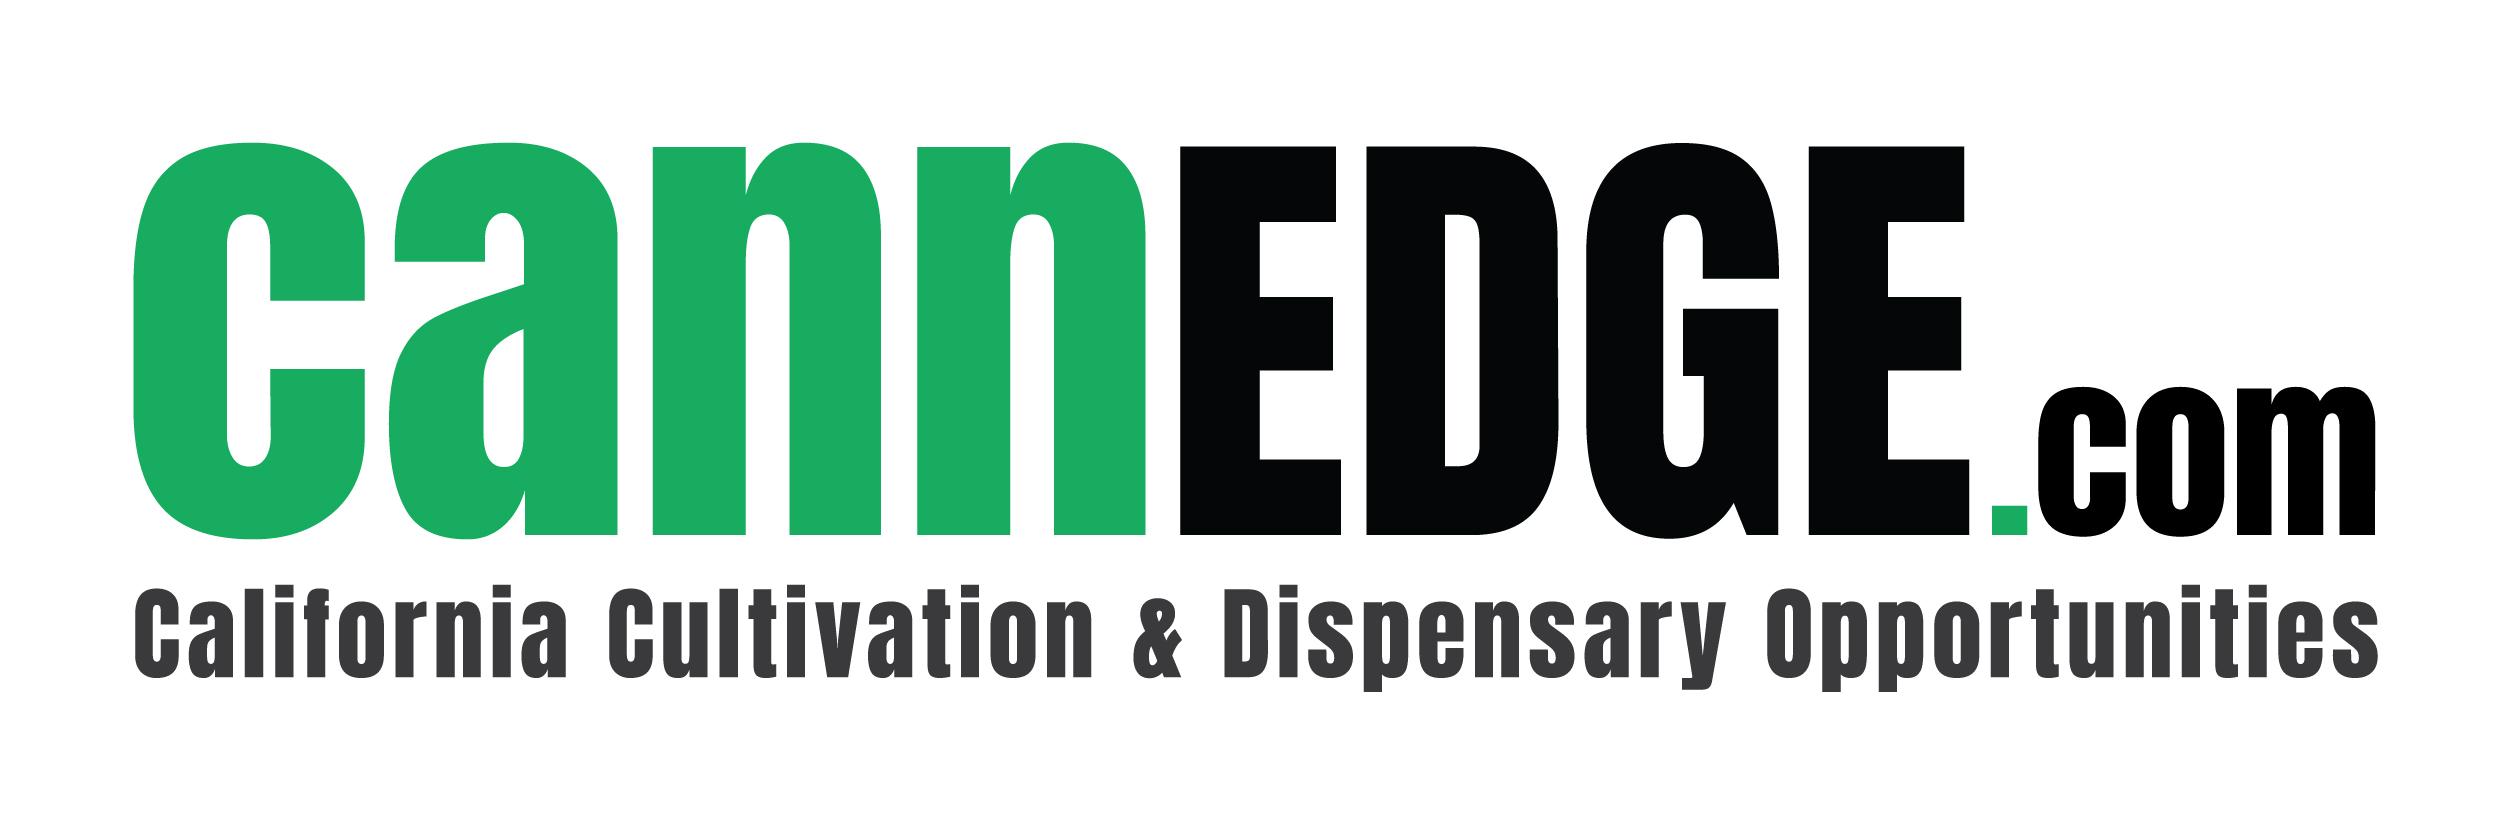 cannedgecom-ccdo-logo